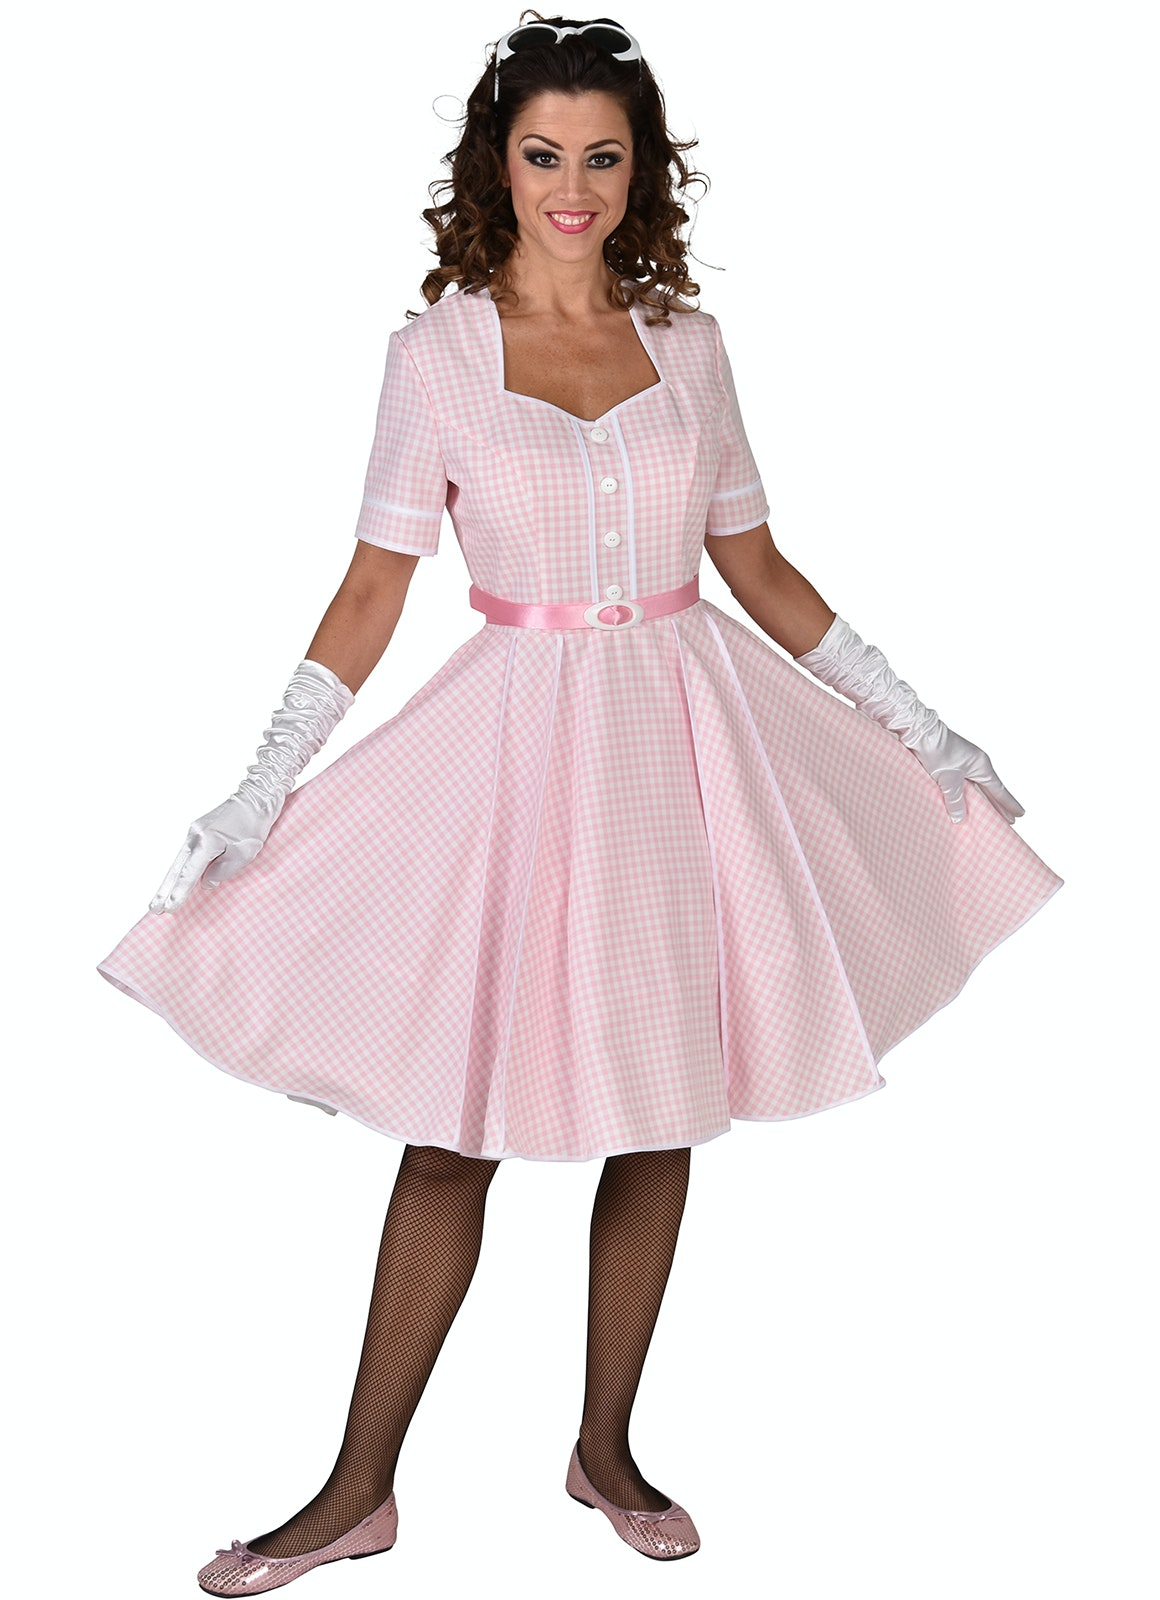 50's Rock 'n roll jurk roze/wit